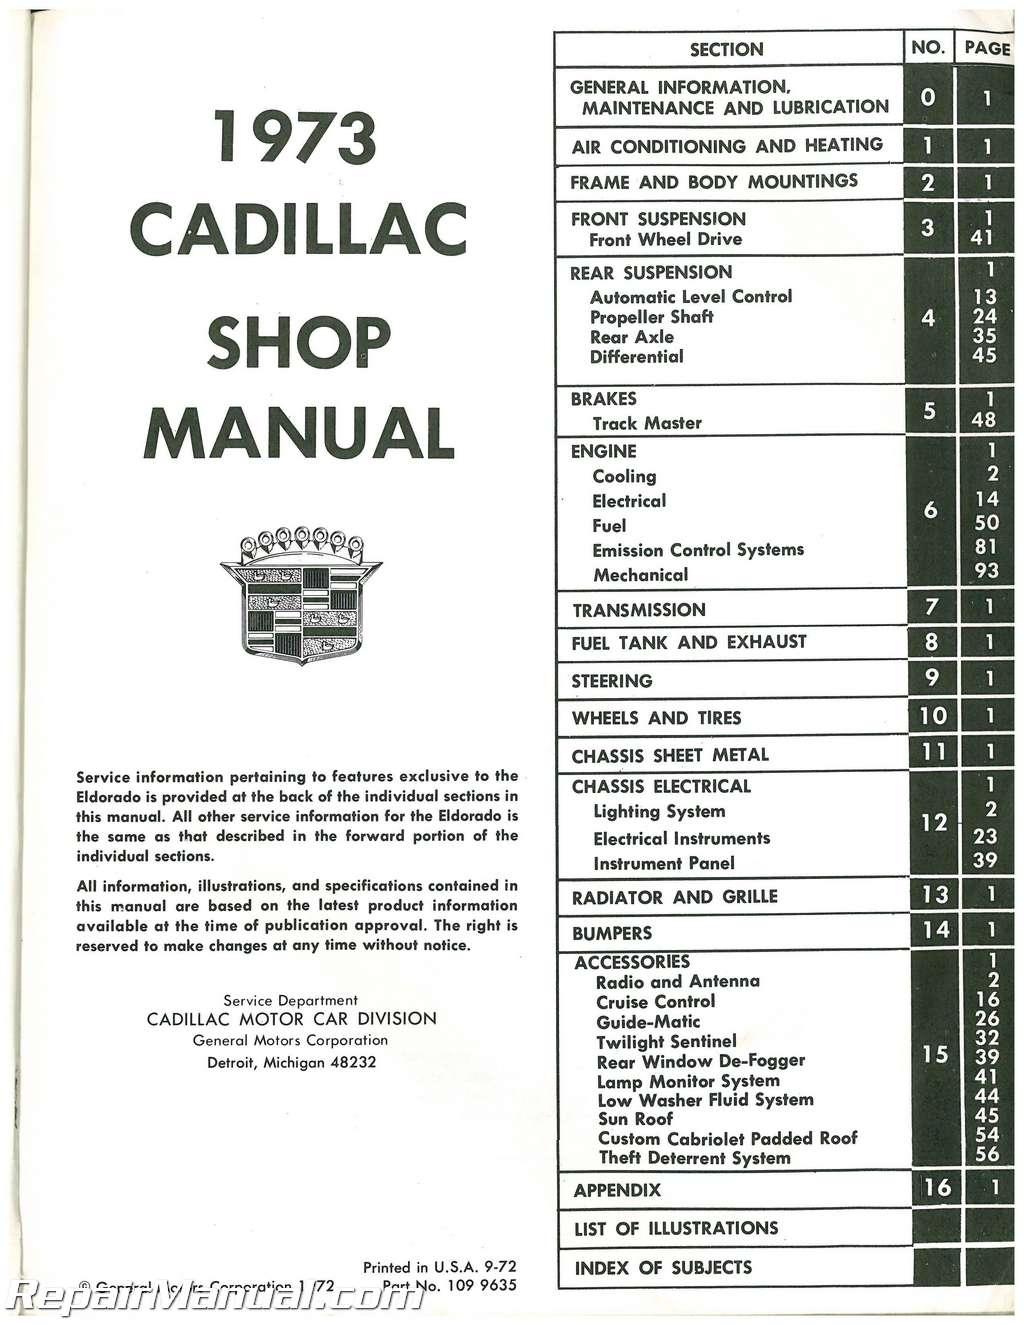 Used Cadillac Automobile Service Manual